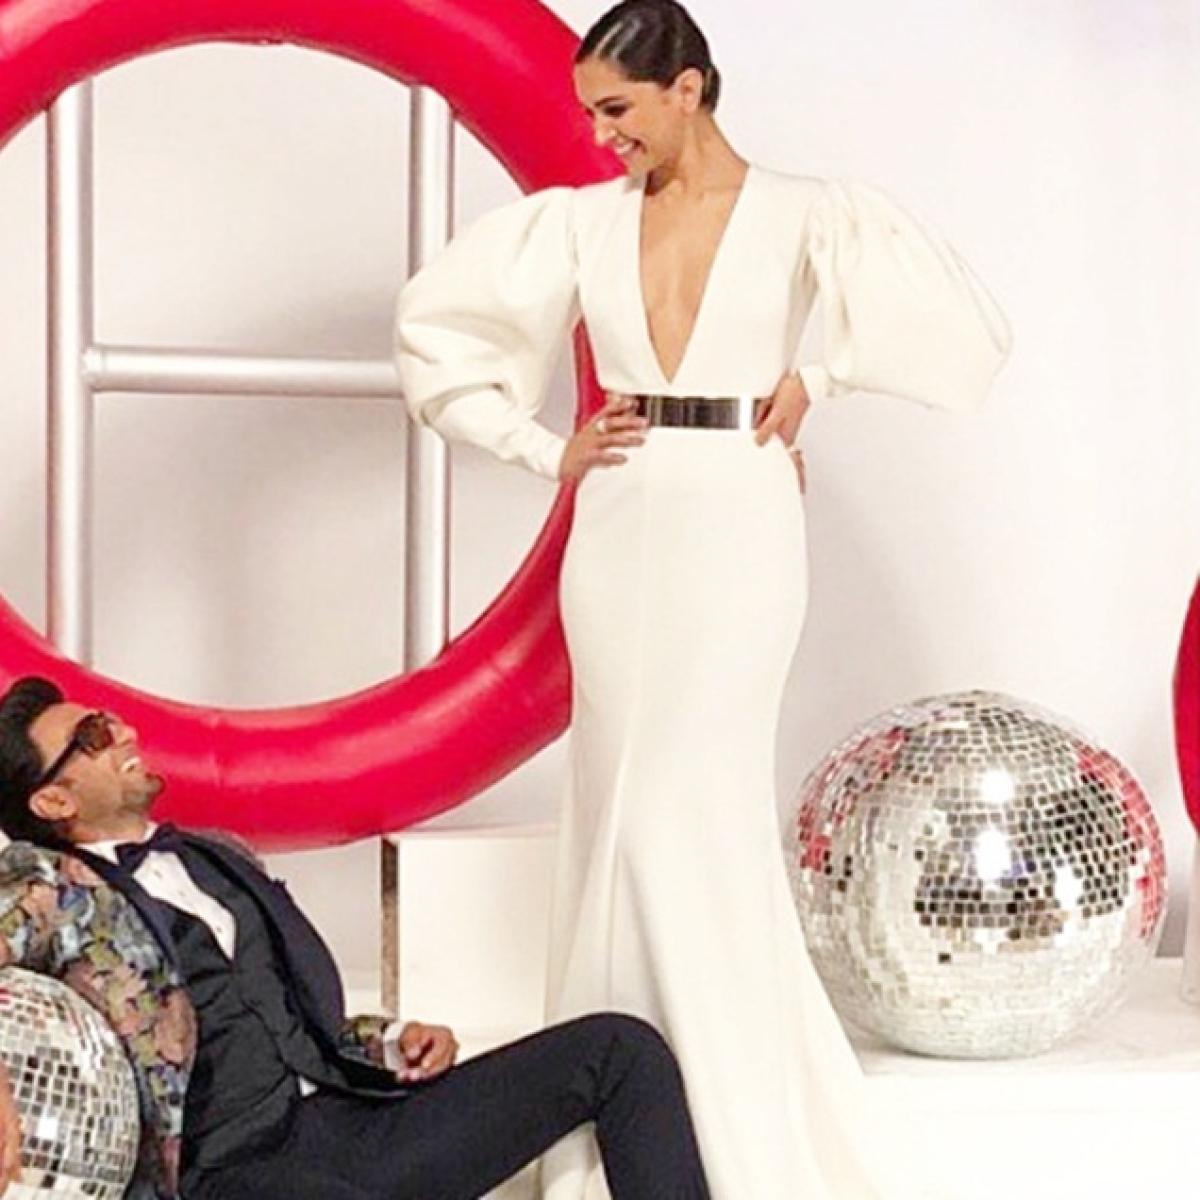 Deepika Padukone shares throwback picture with Ranveer Singh